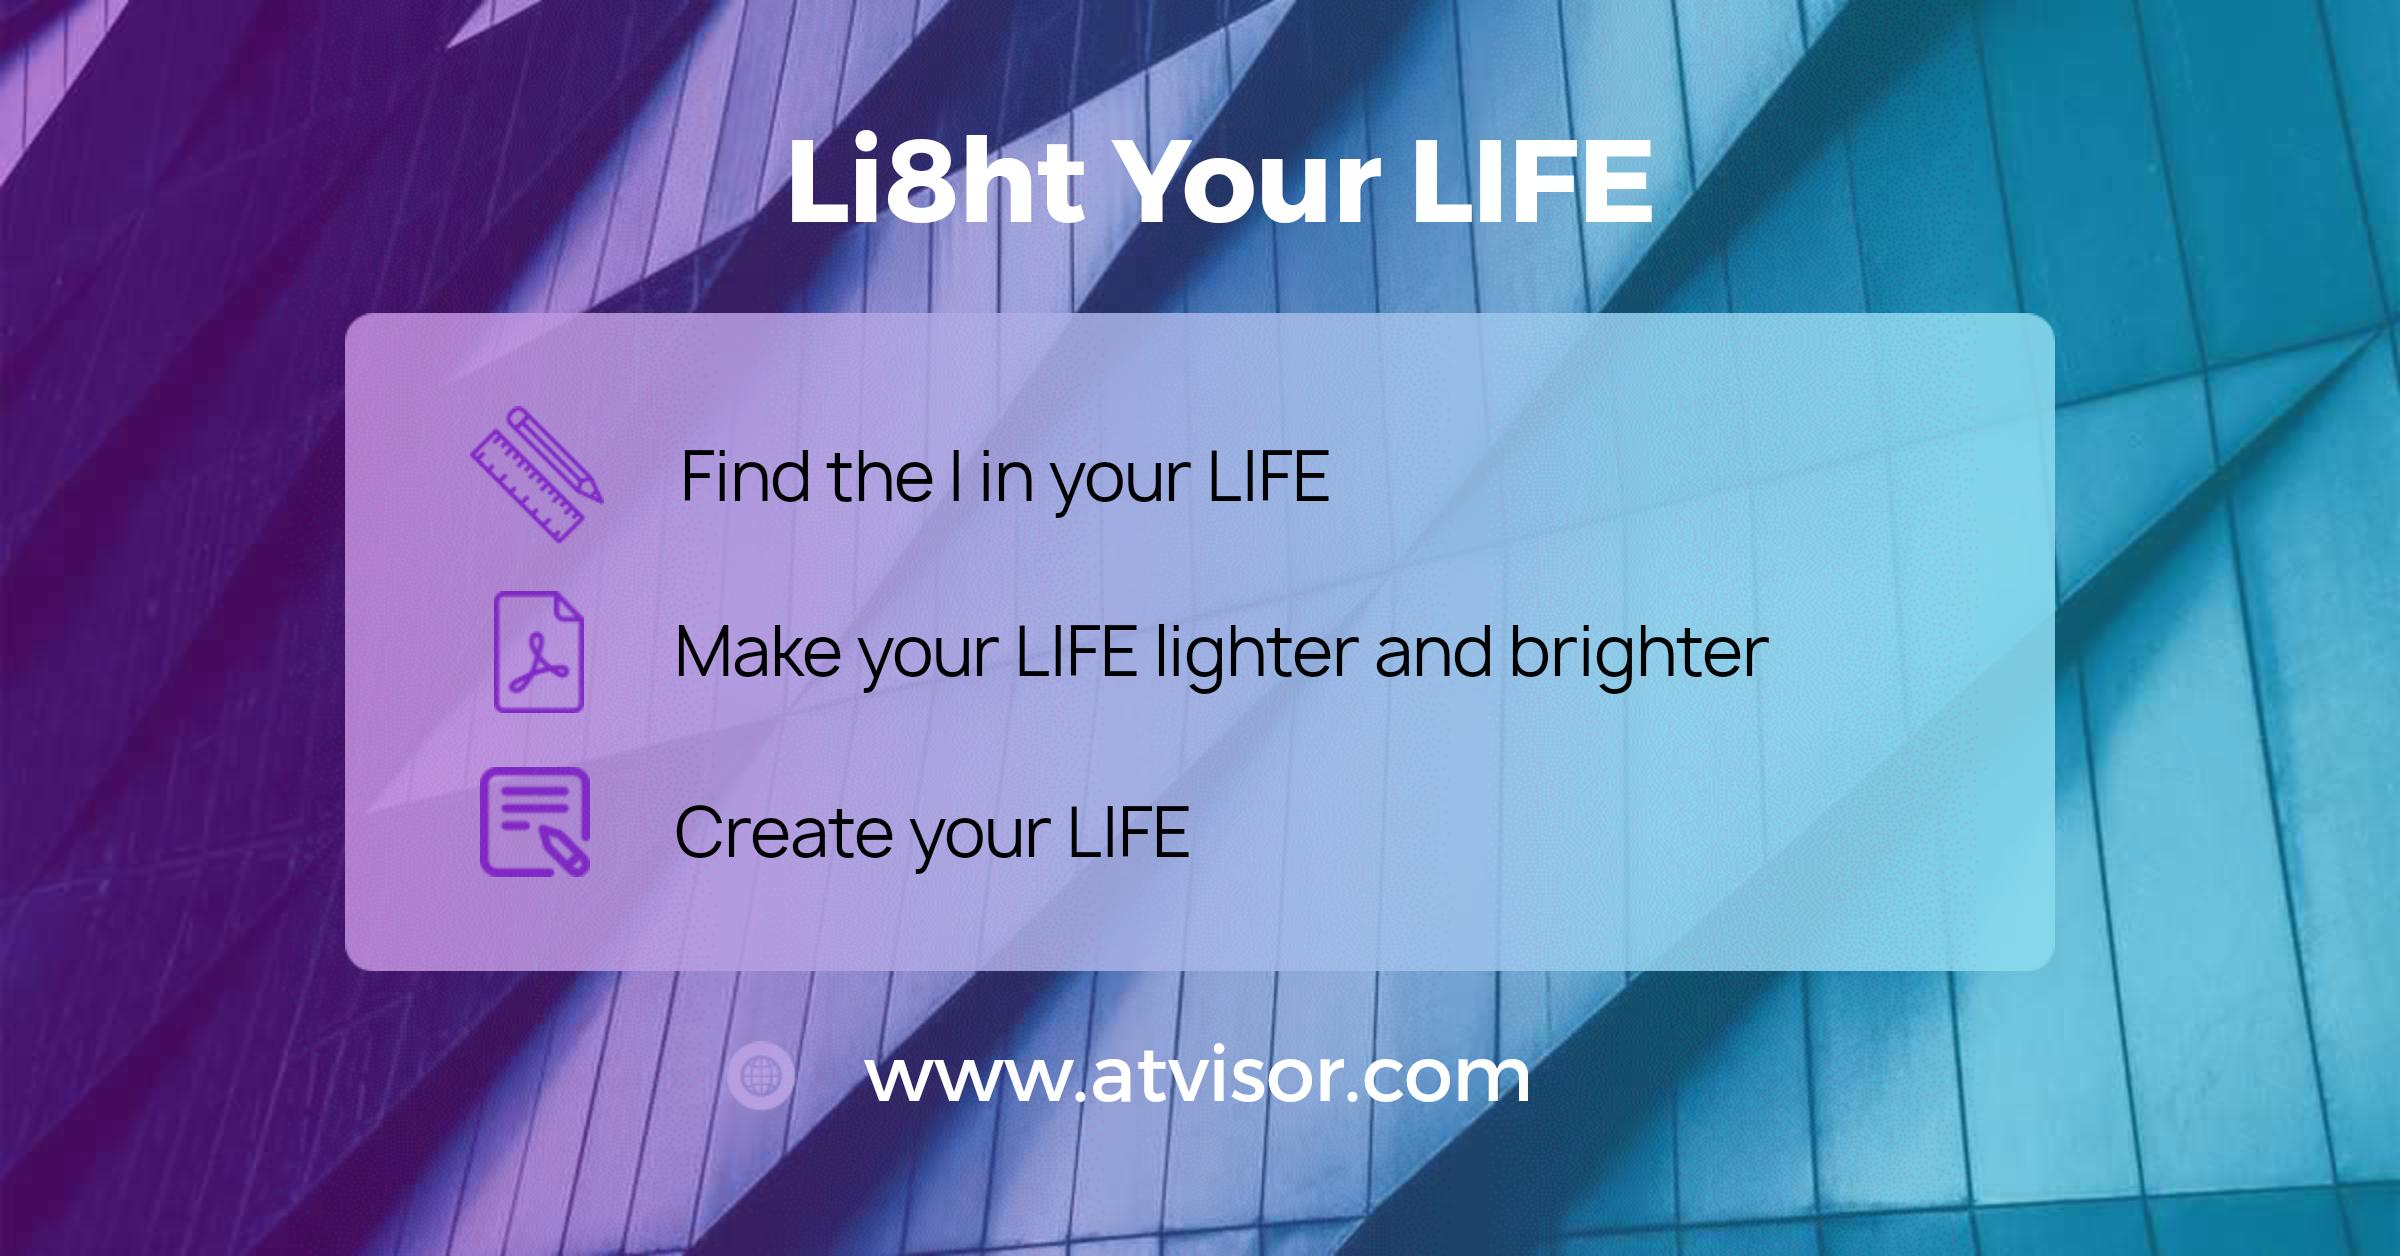 Li8ht Your LIFE™